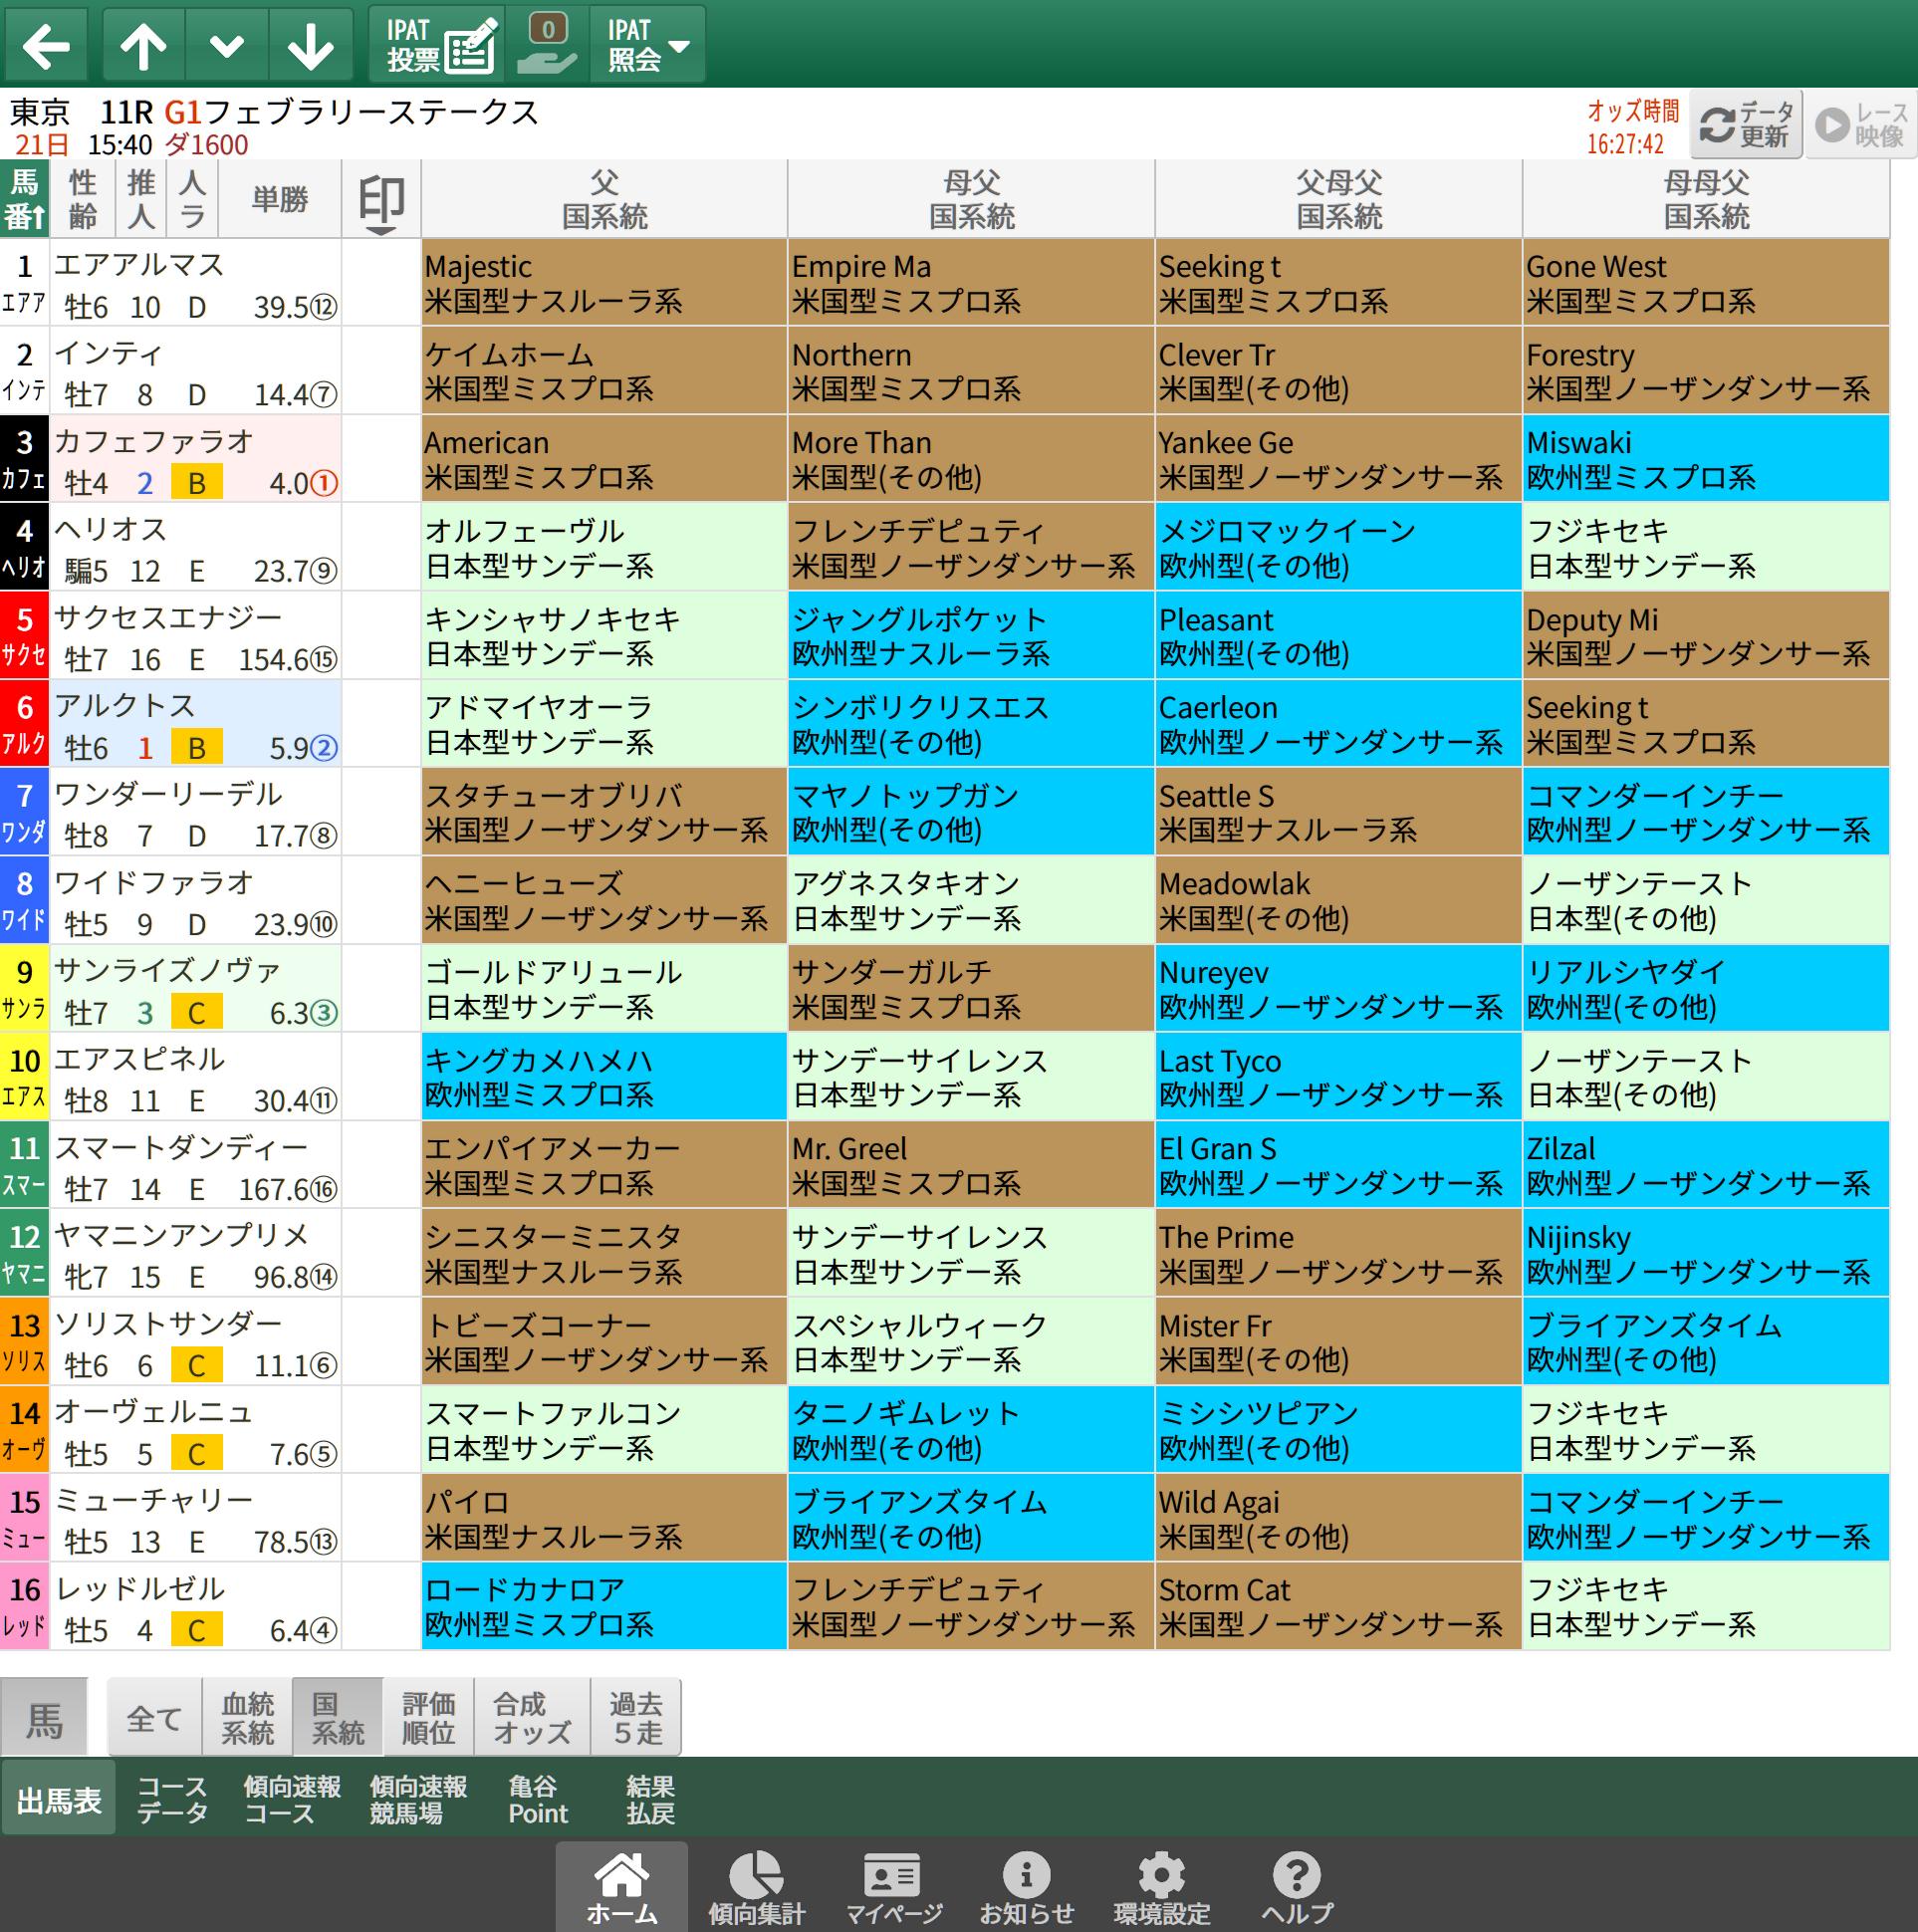 【無料公開】フェブラリーS / 亀谷サロン限定公開中のスマート出馬表・次期バージョン